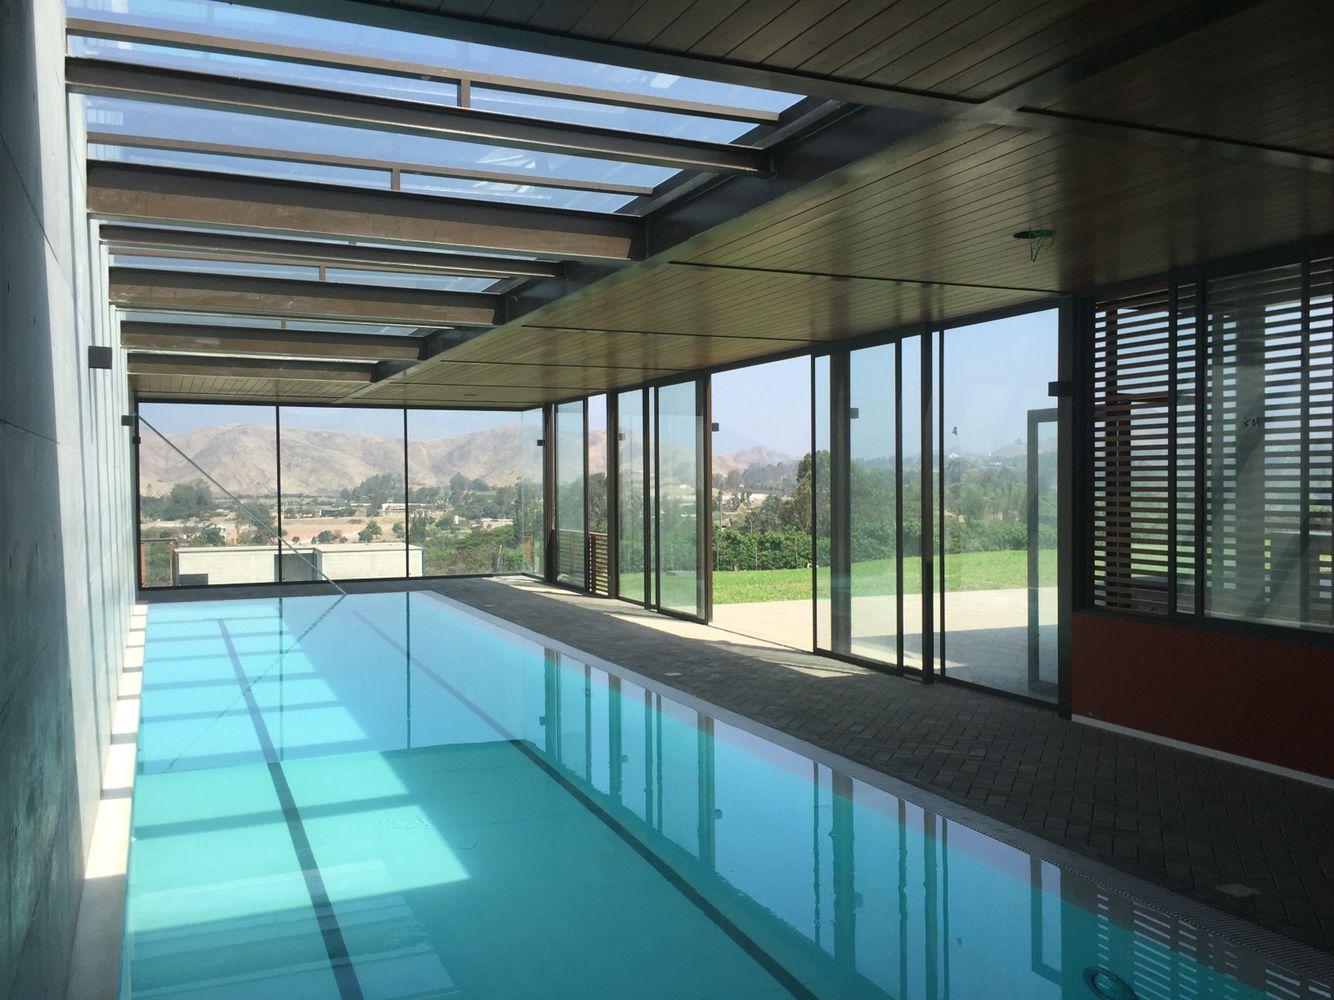 Piscina techada temperada en pachacamac casas de campo for Diseno de piscinas para casas de campo